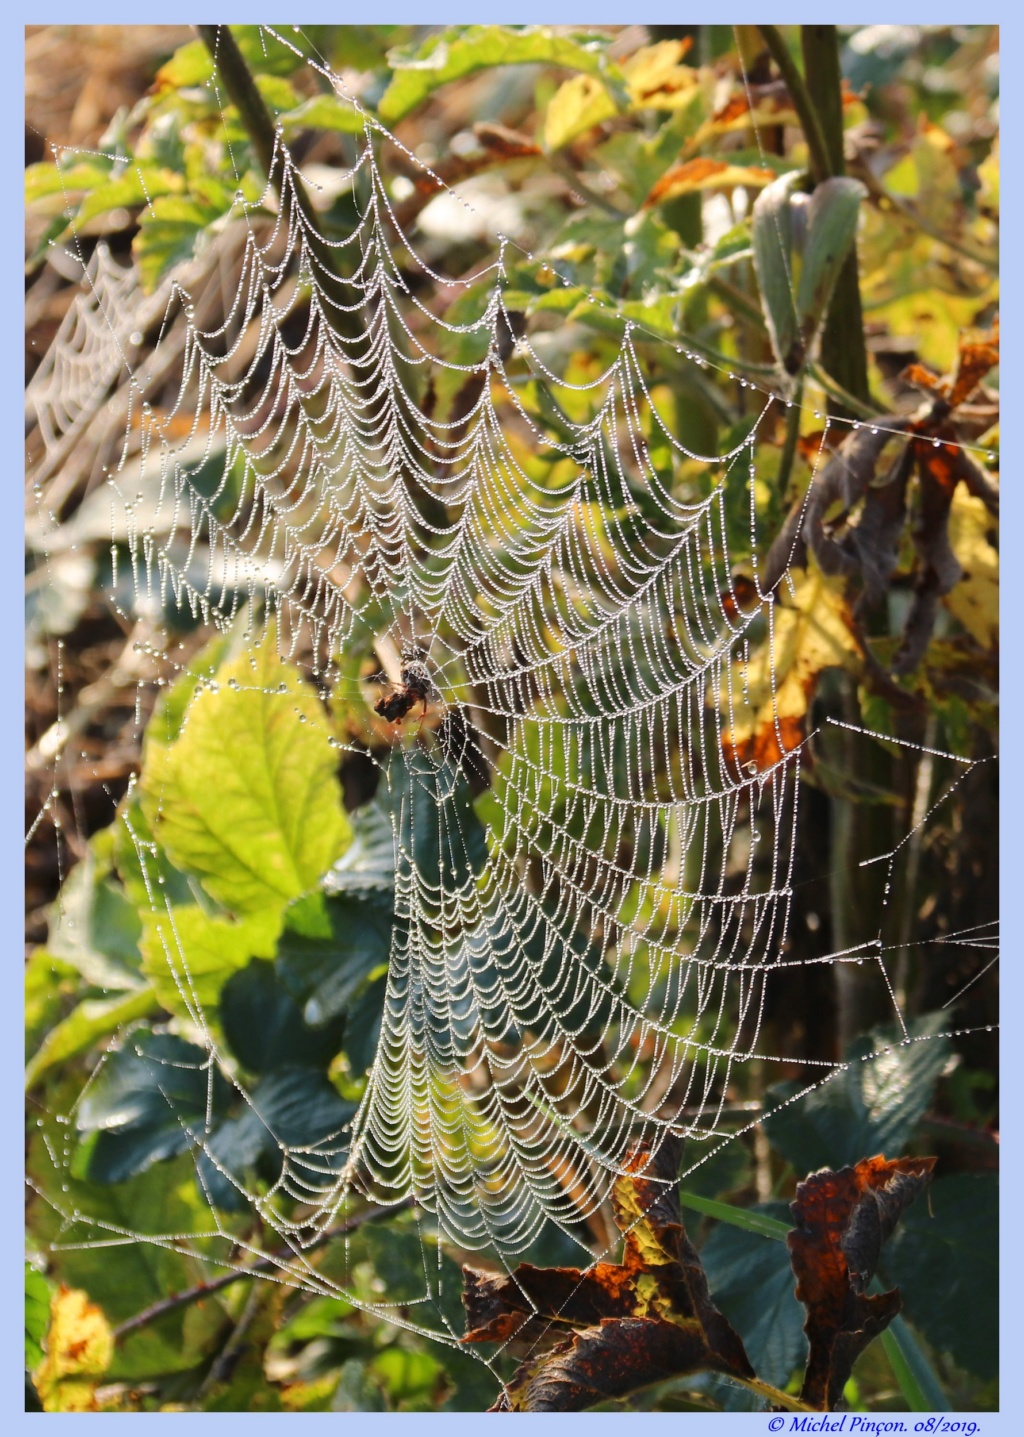 [Fil ouvert] Toile d'araignée - Page 2 Dsc04406